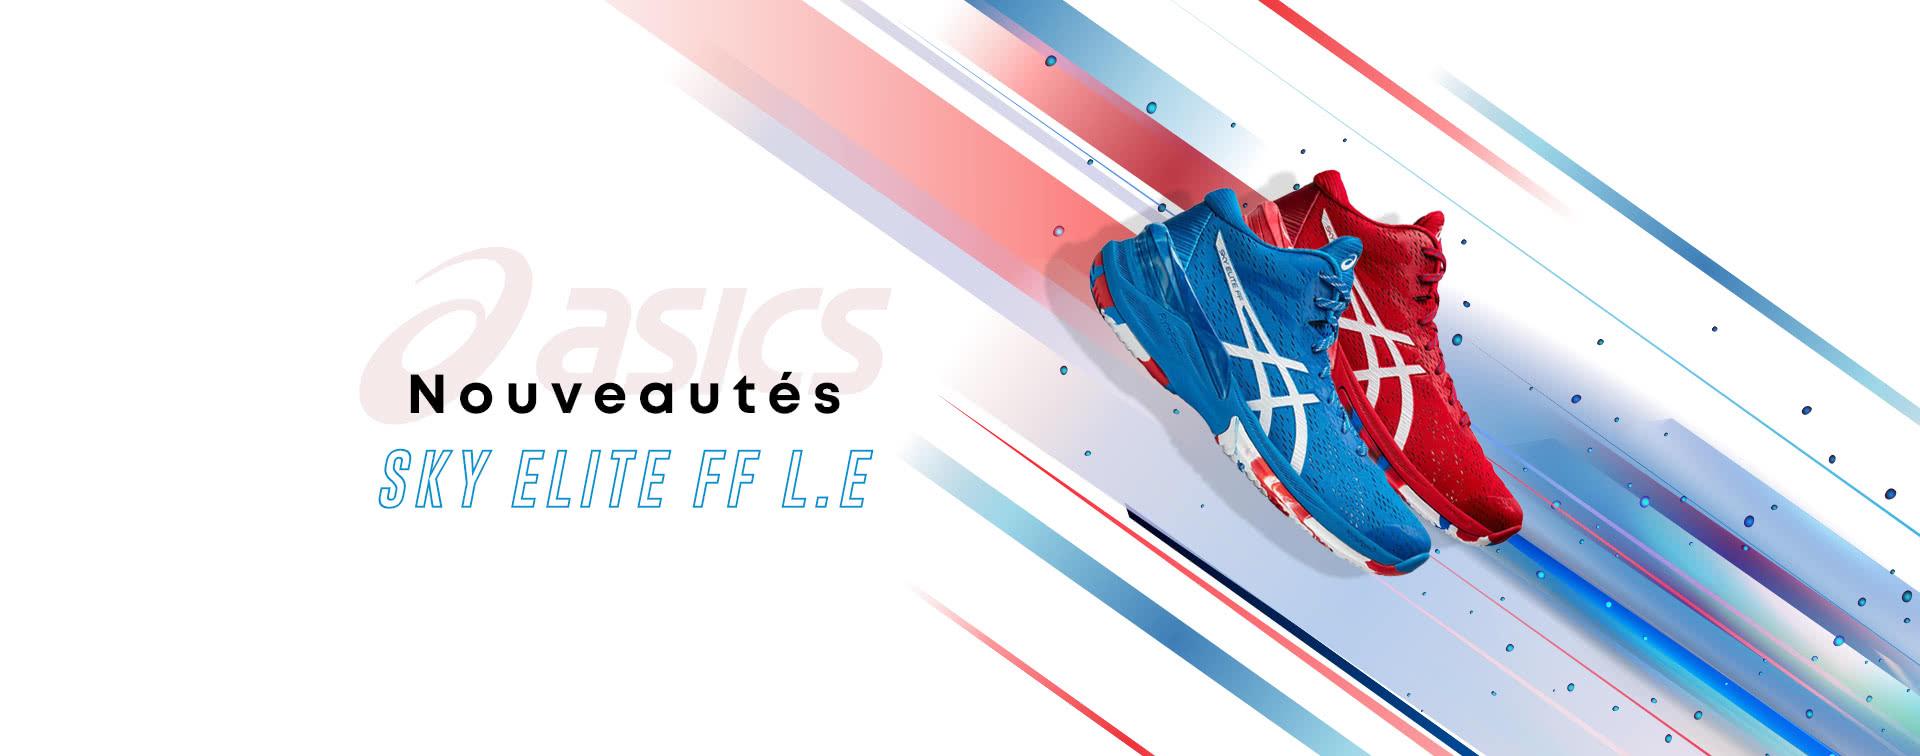 Nouvelles chaussures Asics Sky Elite